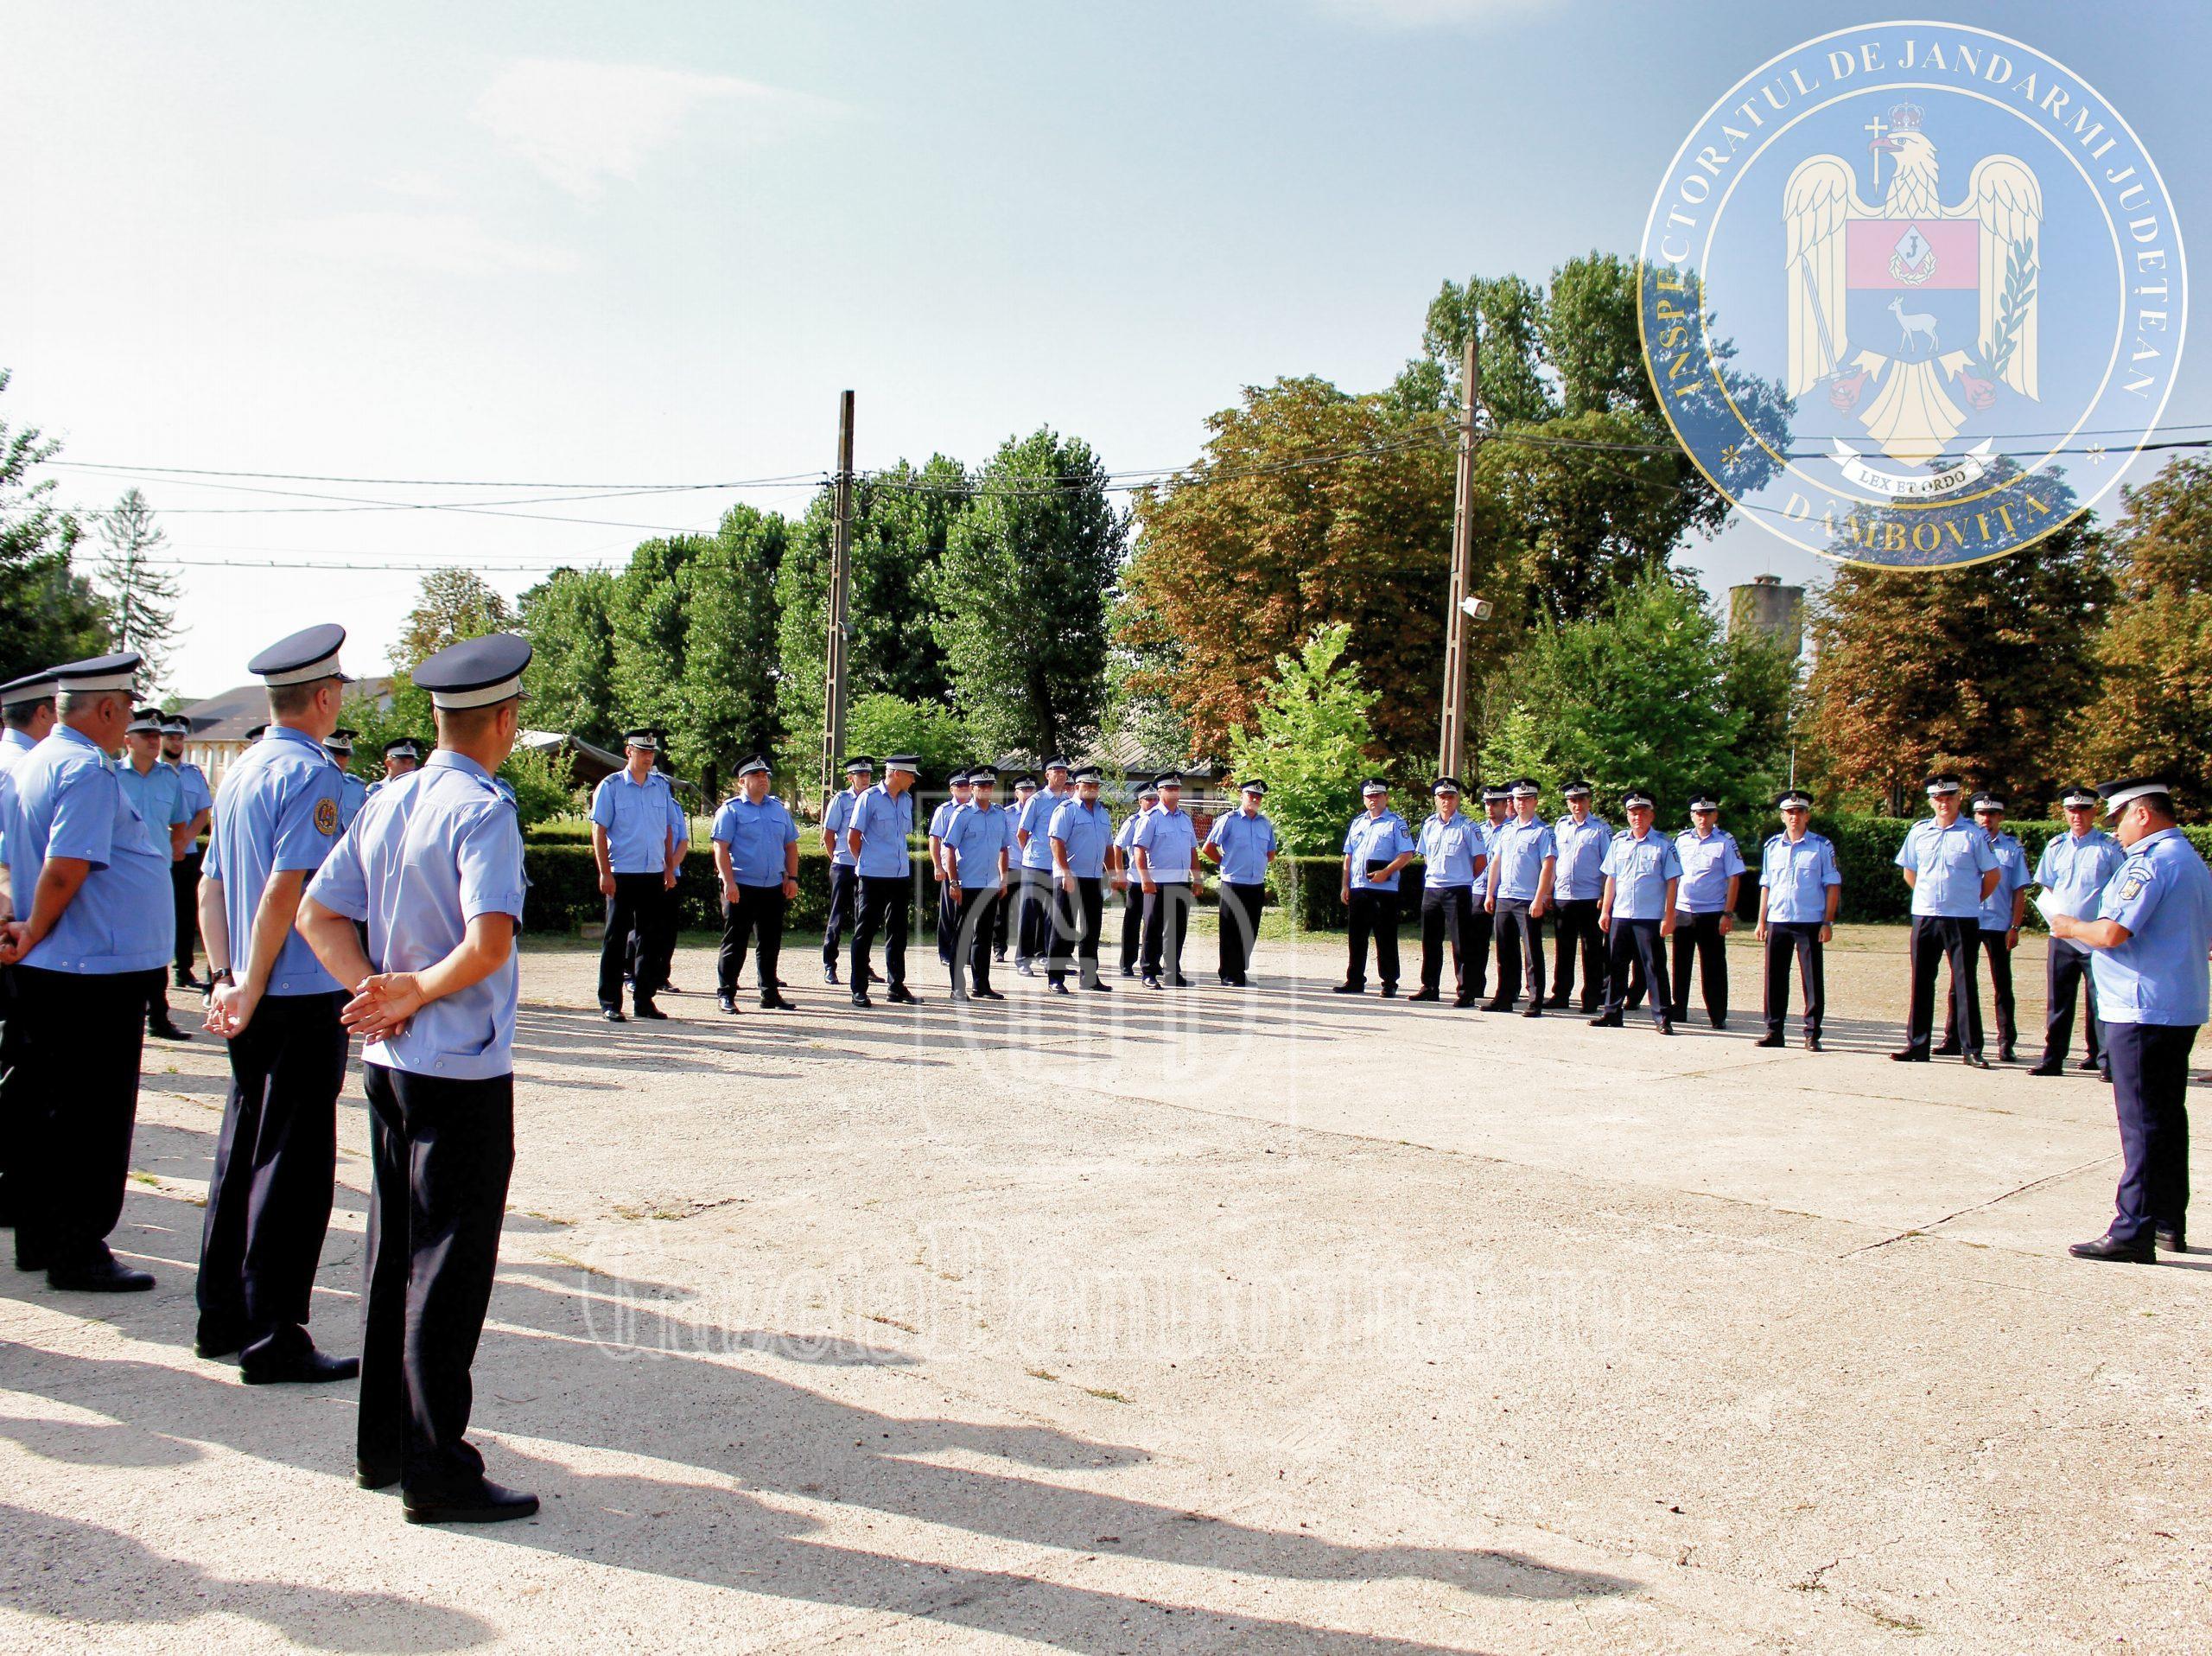 Festivitate în cadrul Jandarmeriei dâmbovițene. 73 de jandarmi au fost avansați